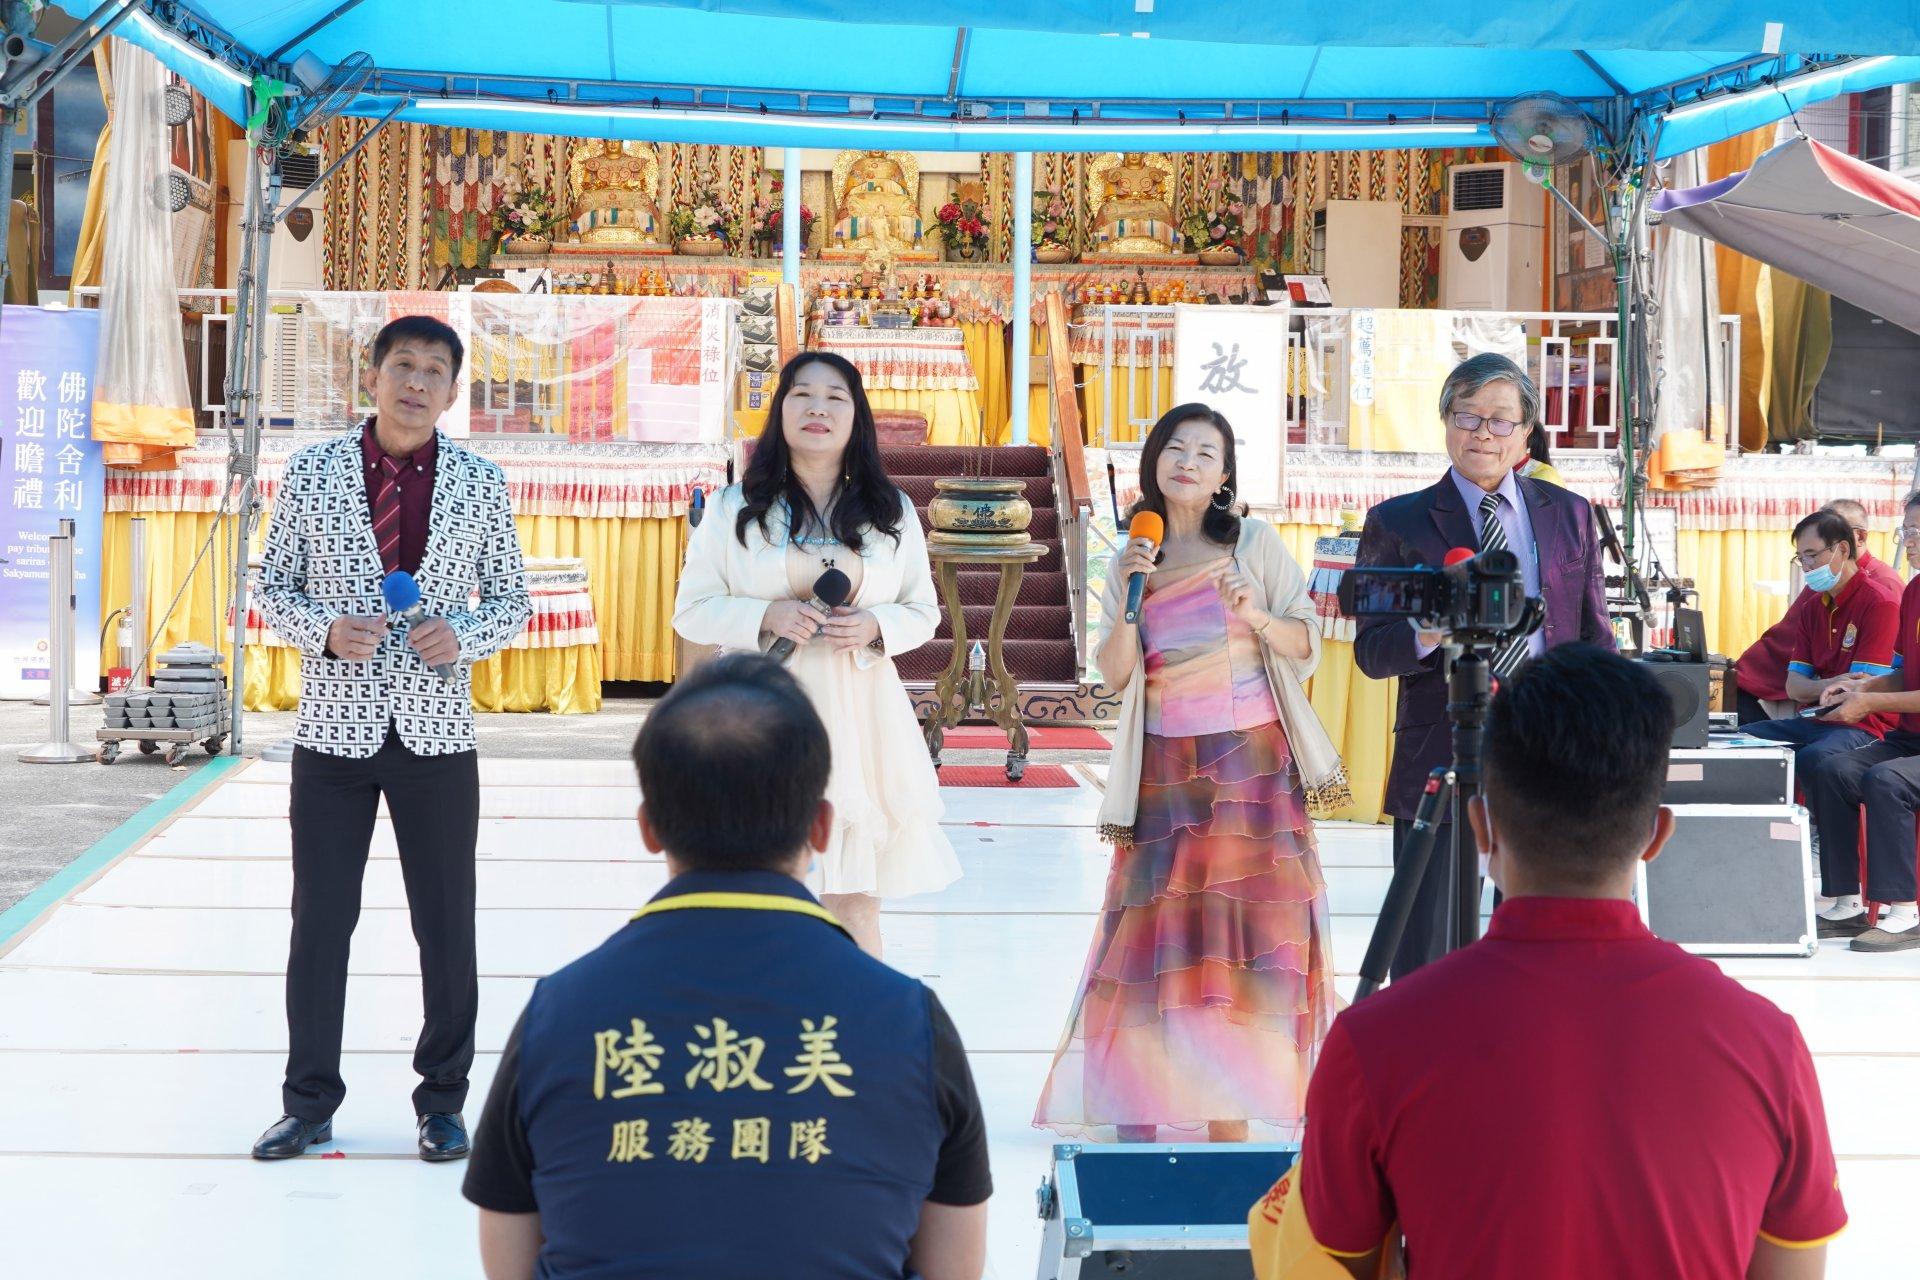 行動佛殿129站高雄永安,來自台南的短褲樂團公益演出